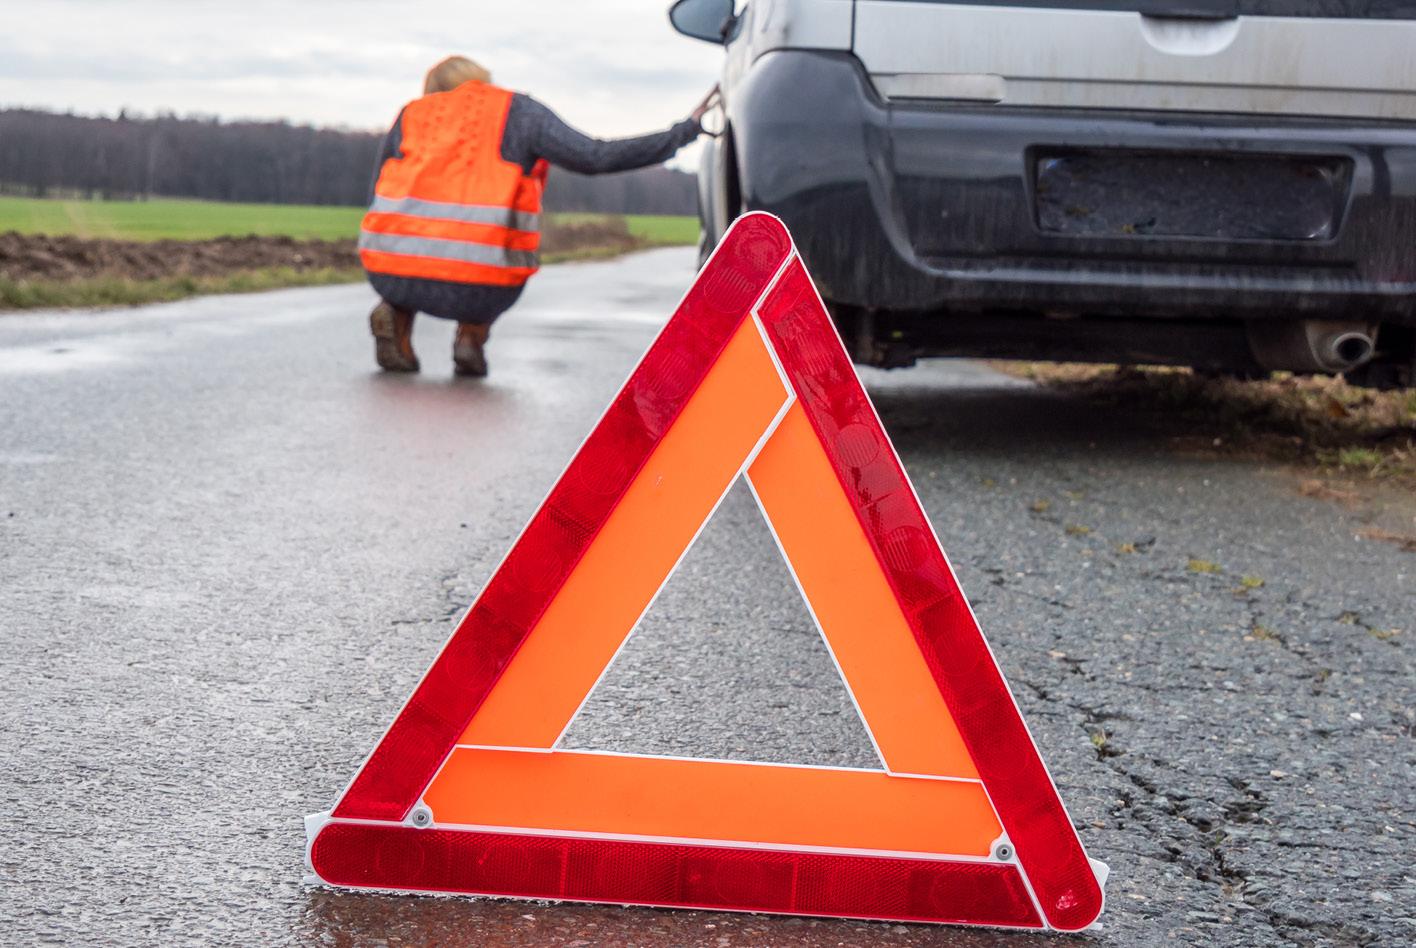 Wenn ihr einen Wildunfall habt, müsst ihr zunächst die Unfallstelle absichern. Bild: AdobeStock / arborpulchra